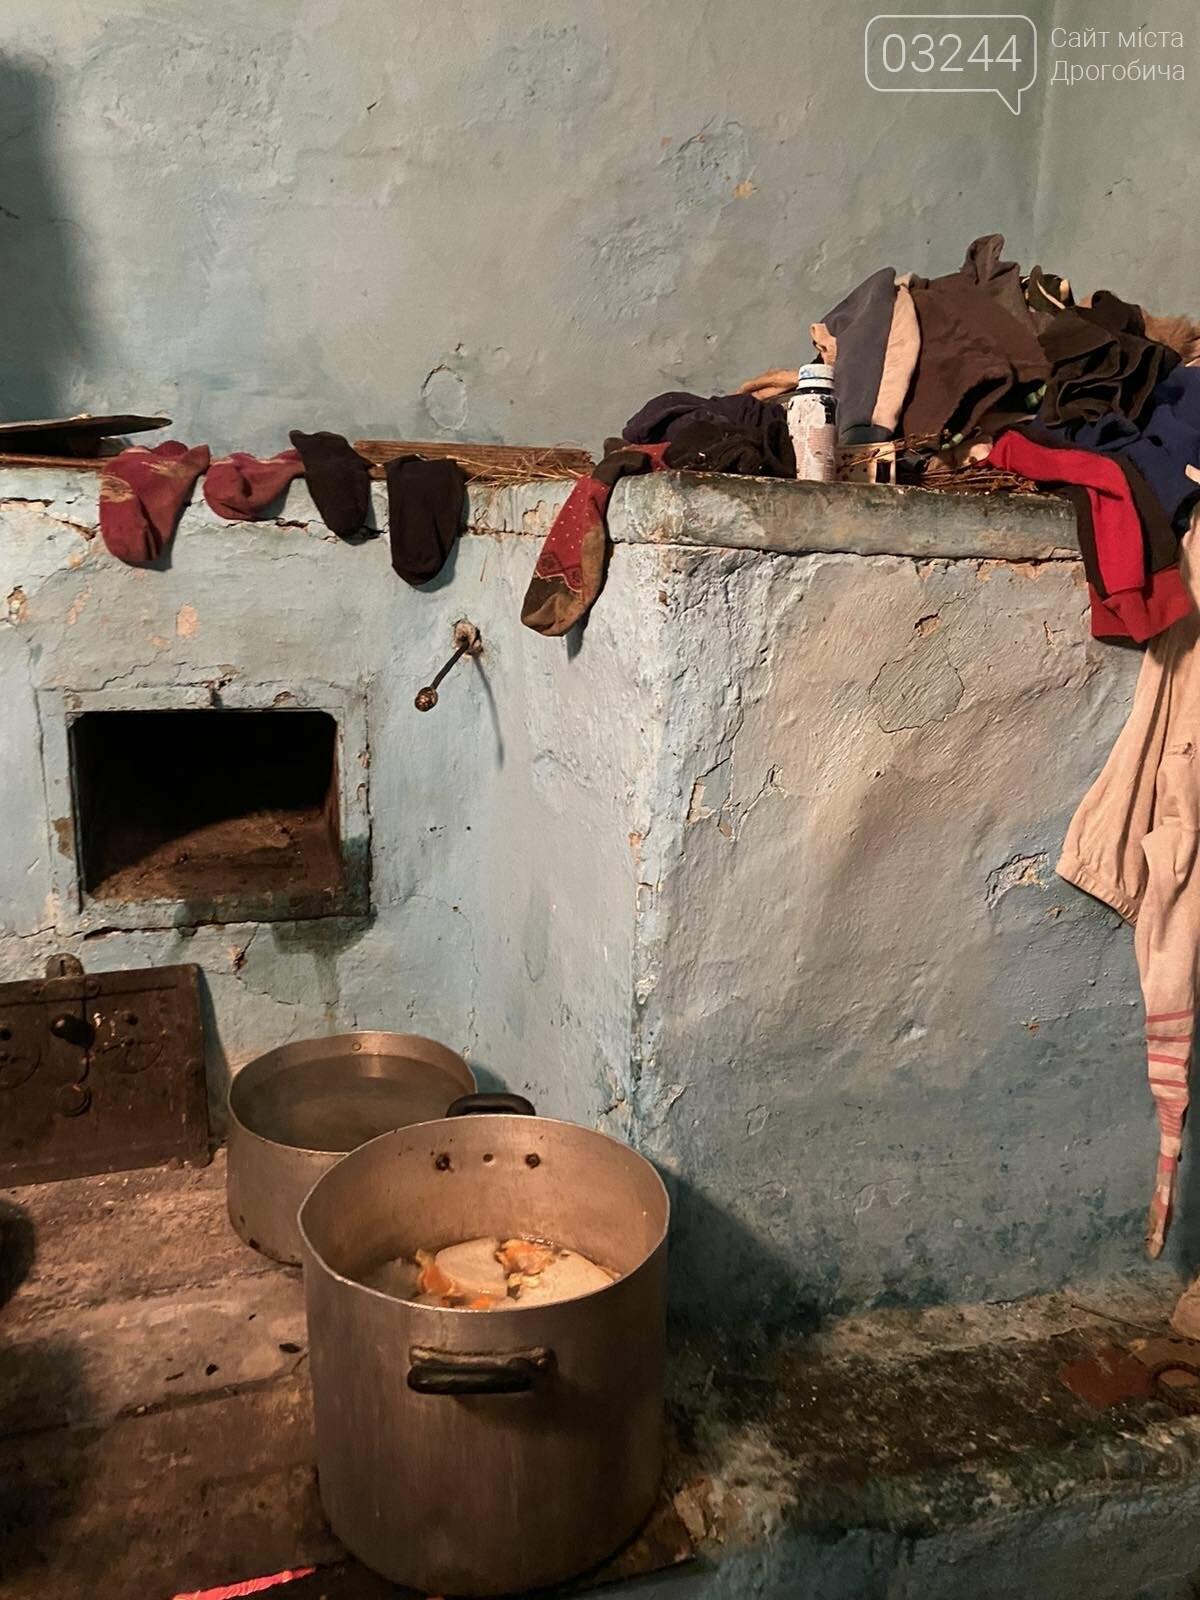 «Є сім'ї, які потребують не дорогих телефонів, а їжі та одягу», - Катя Максимова про благочинну акцію для потребуючих родин, фото-19